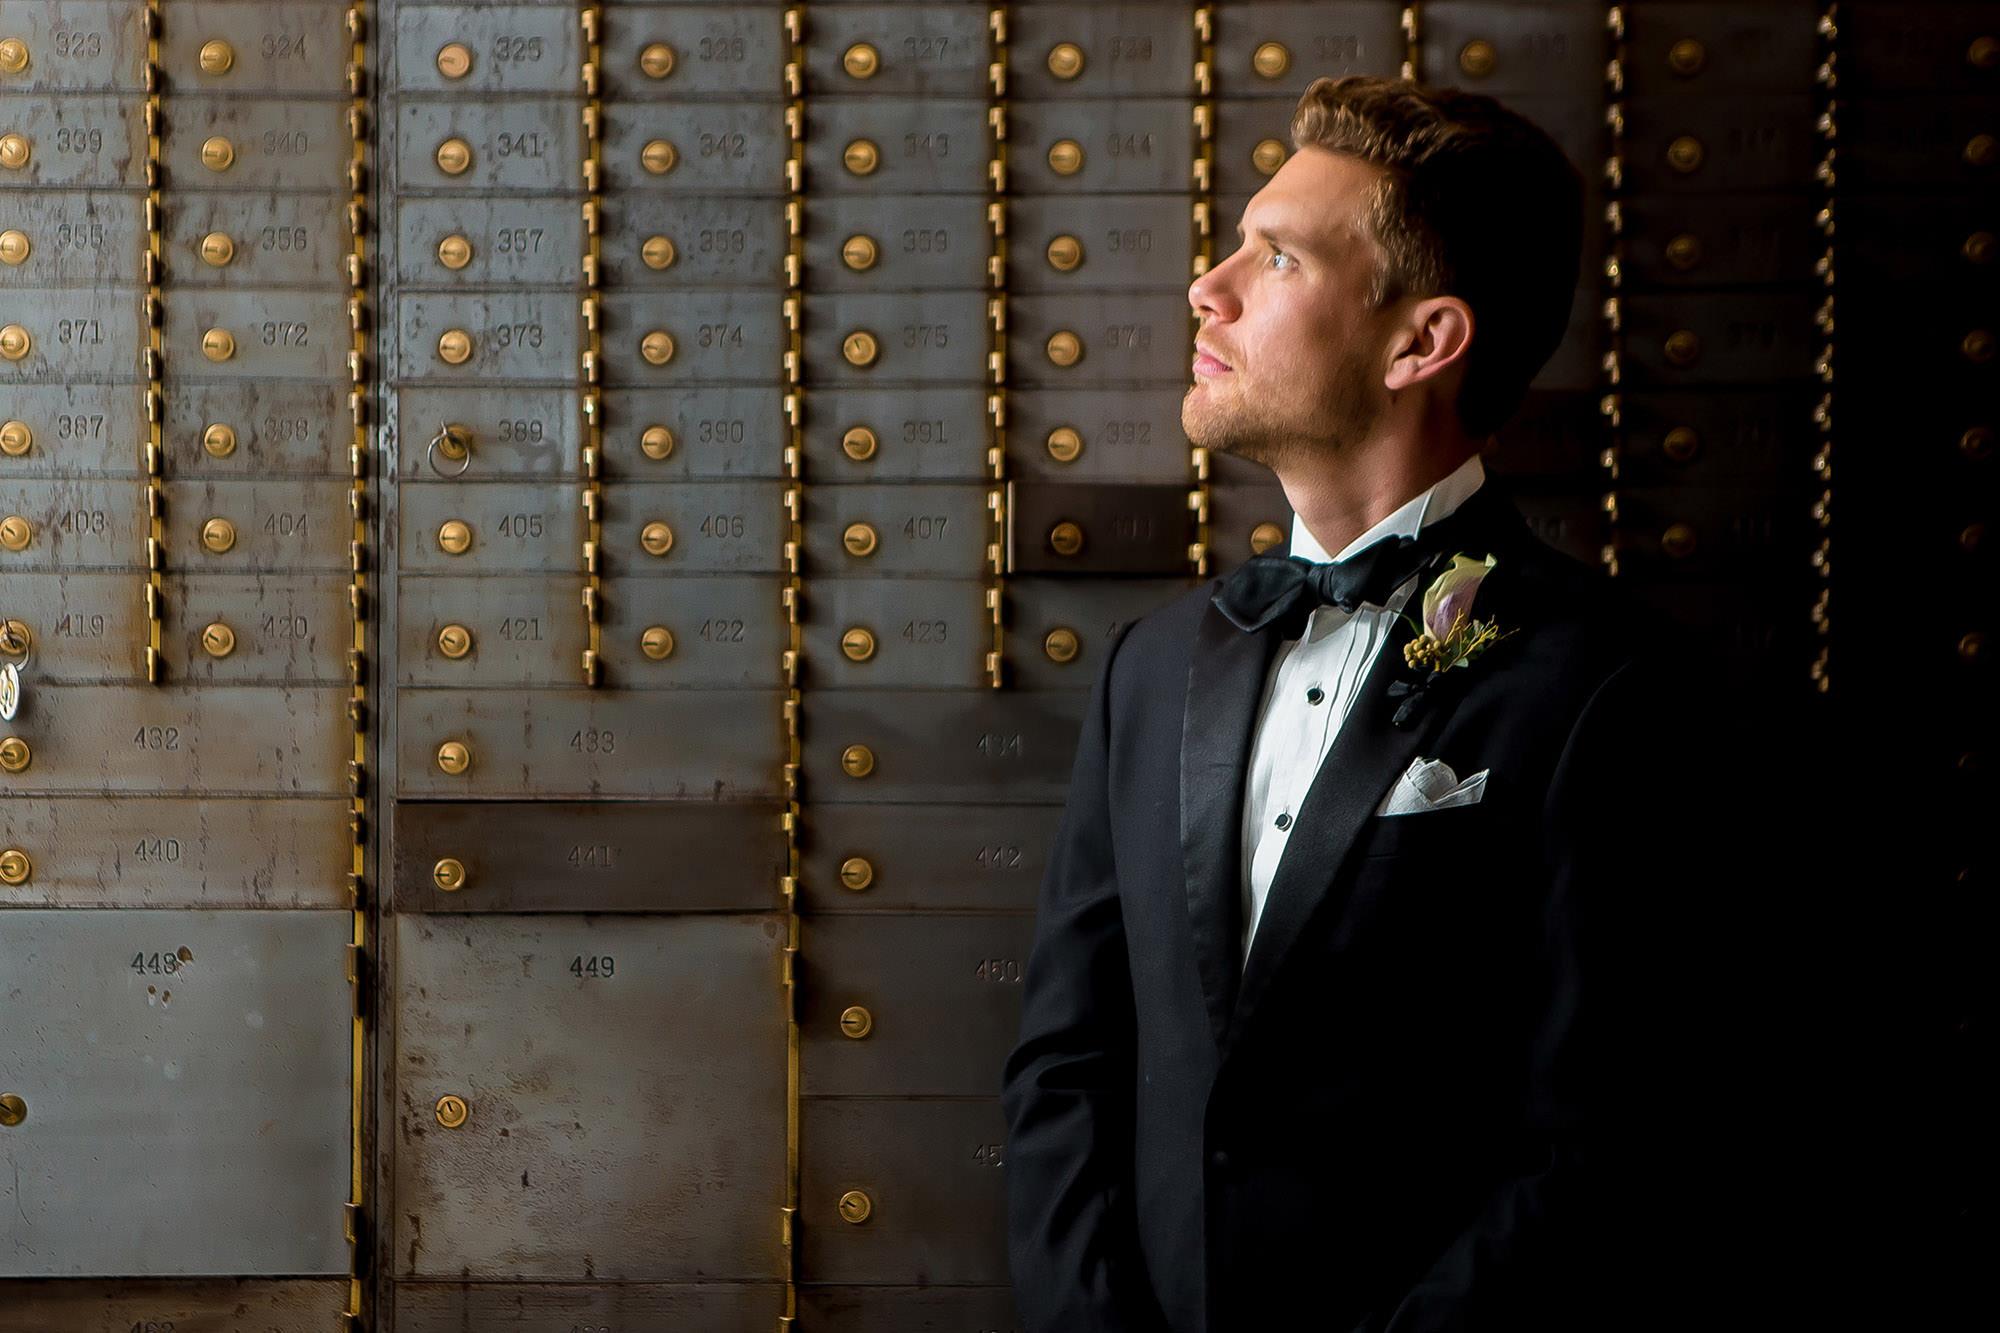 Stephen In Vault